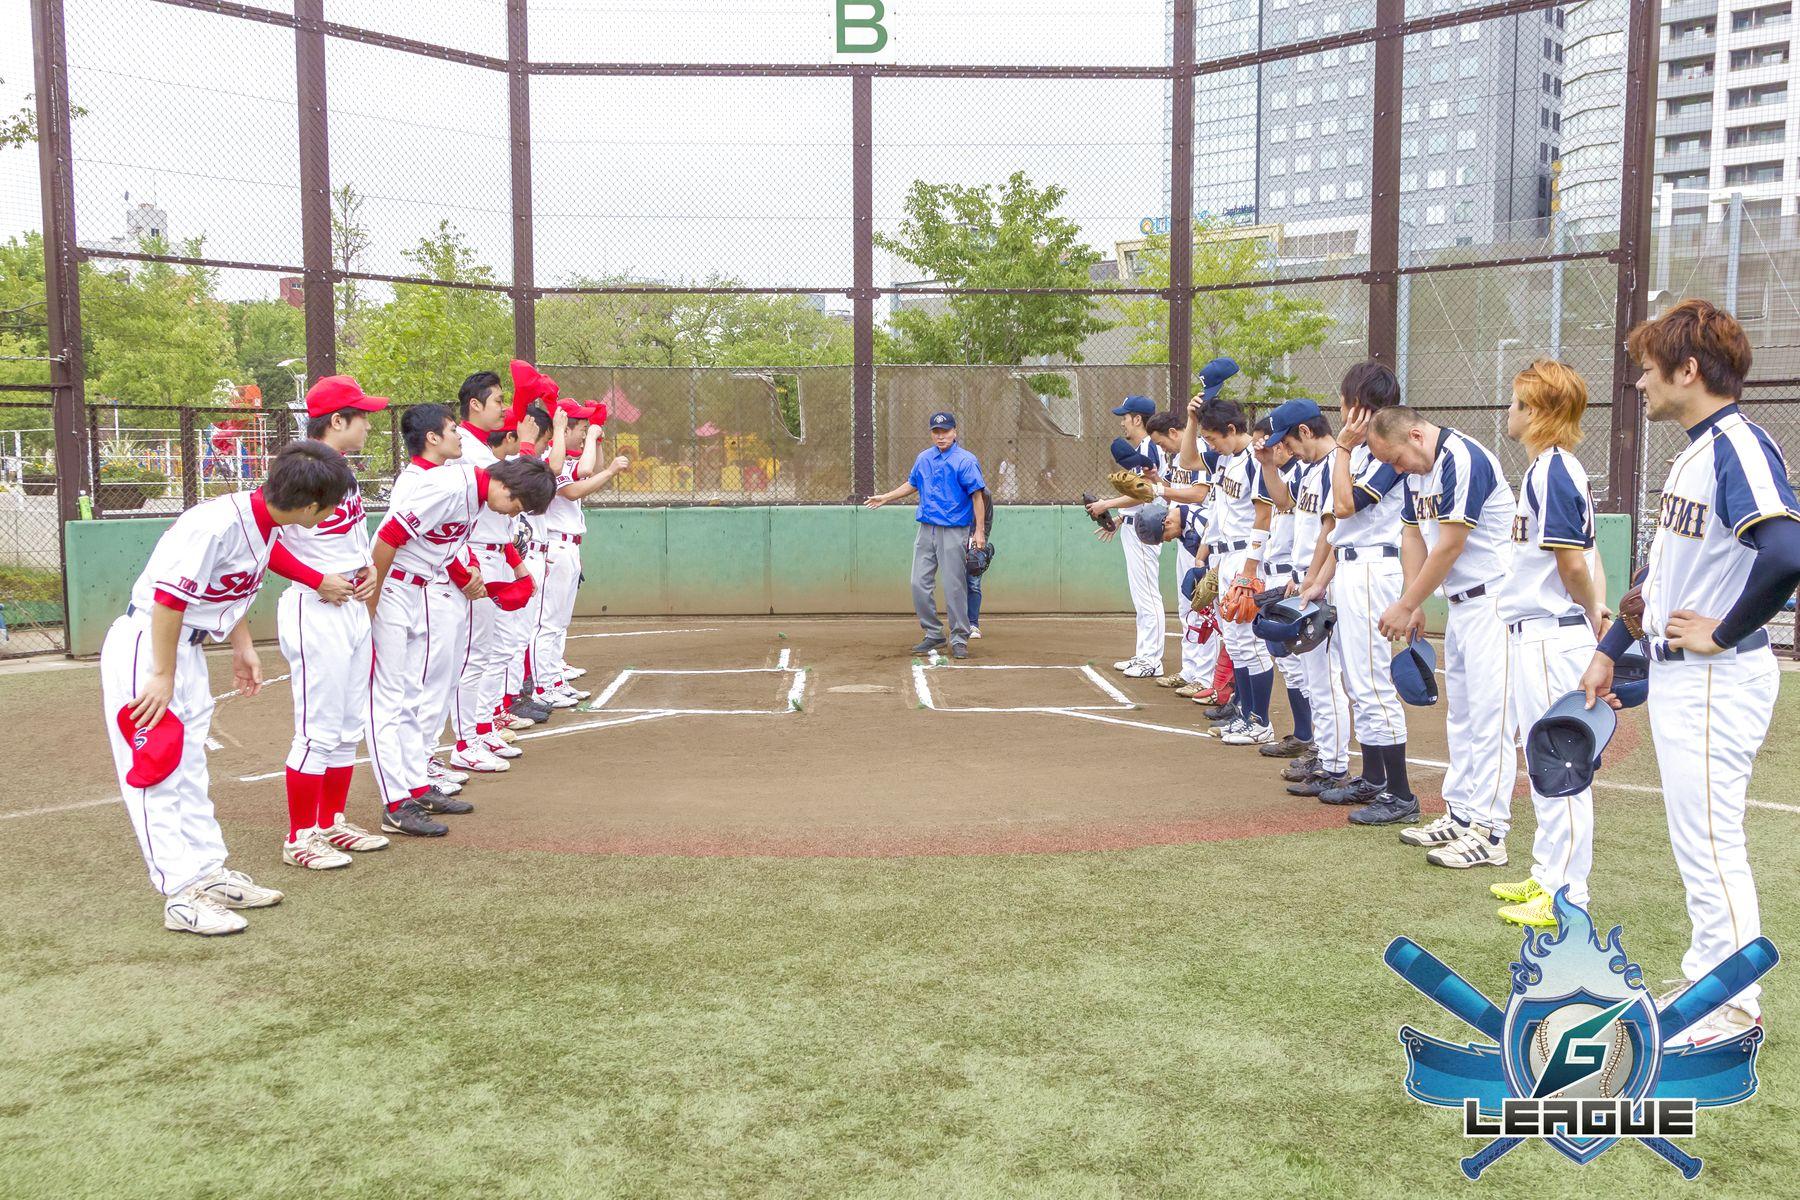 公園 場 錦糸 野球